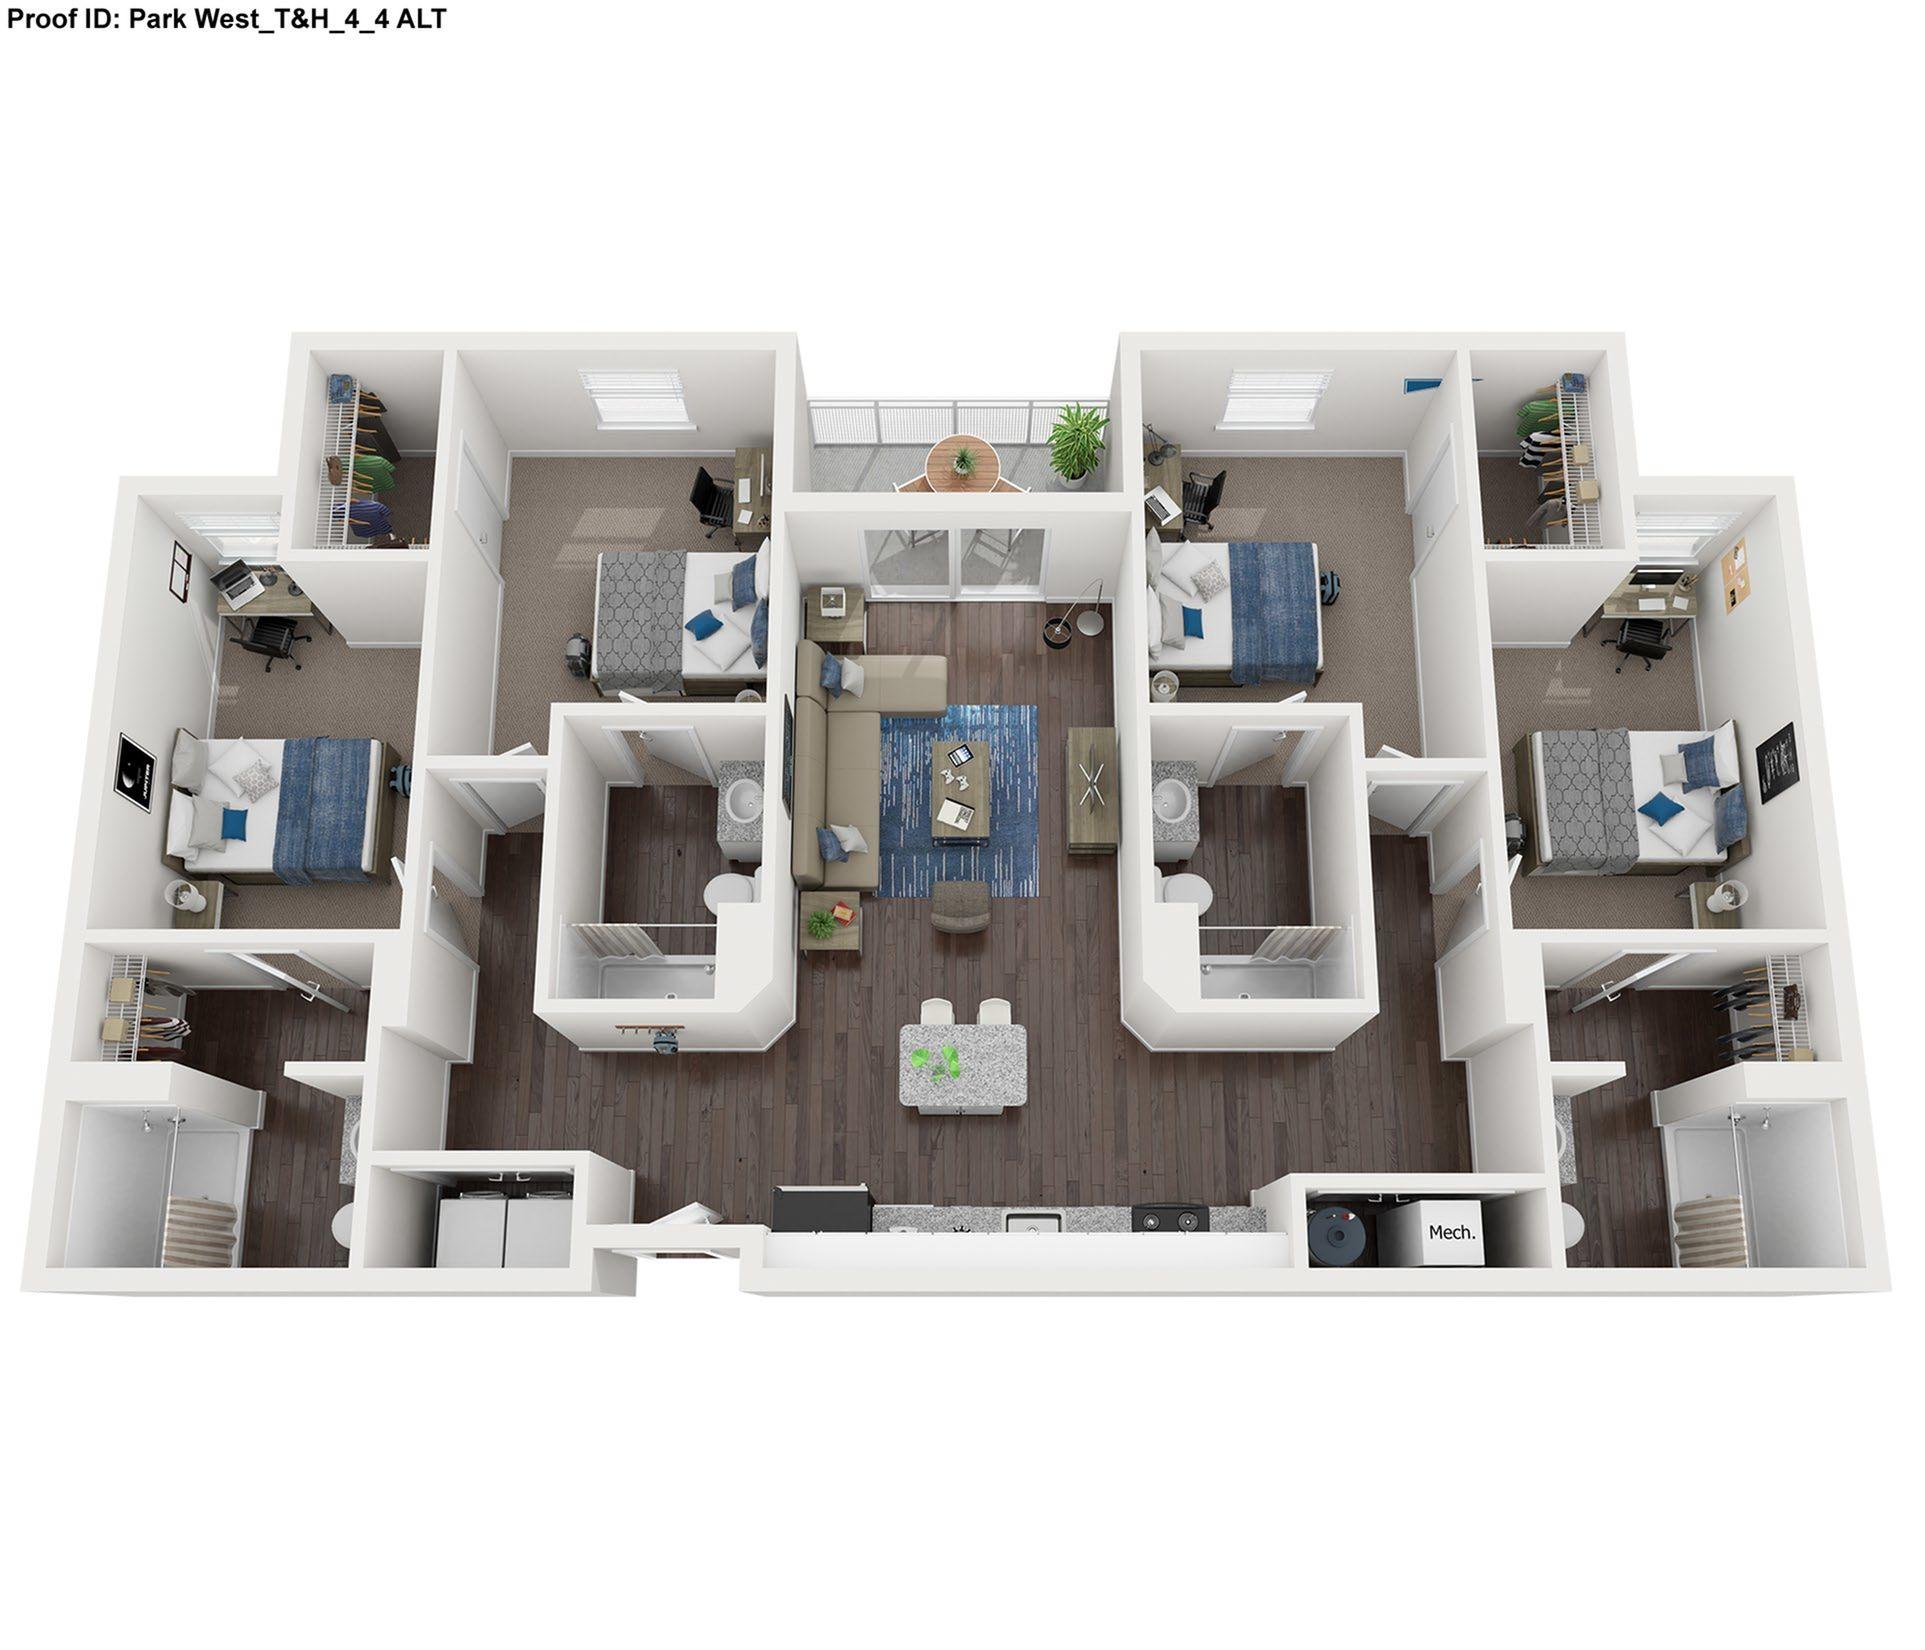 4 Bedroom 4 Bath Floor Plan